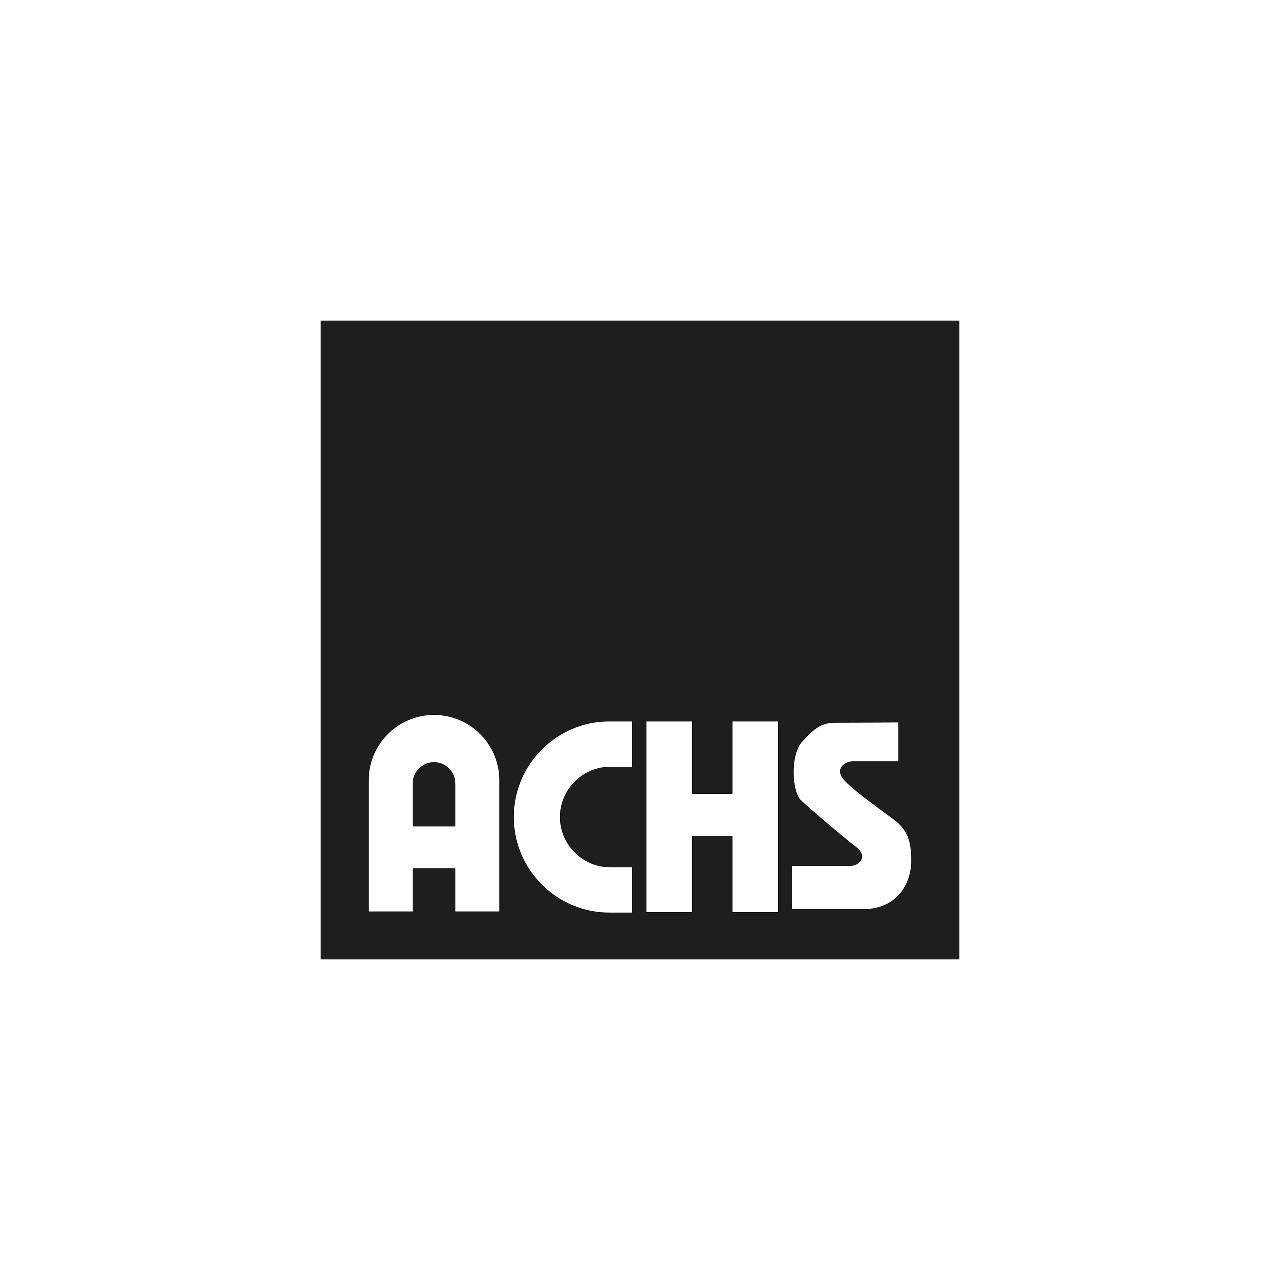 achs-b.png